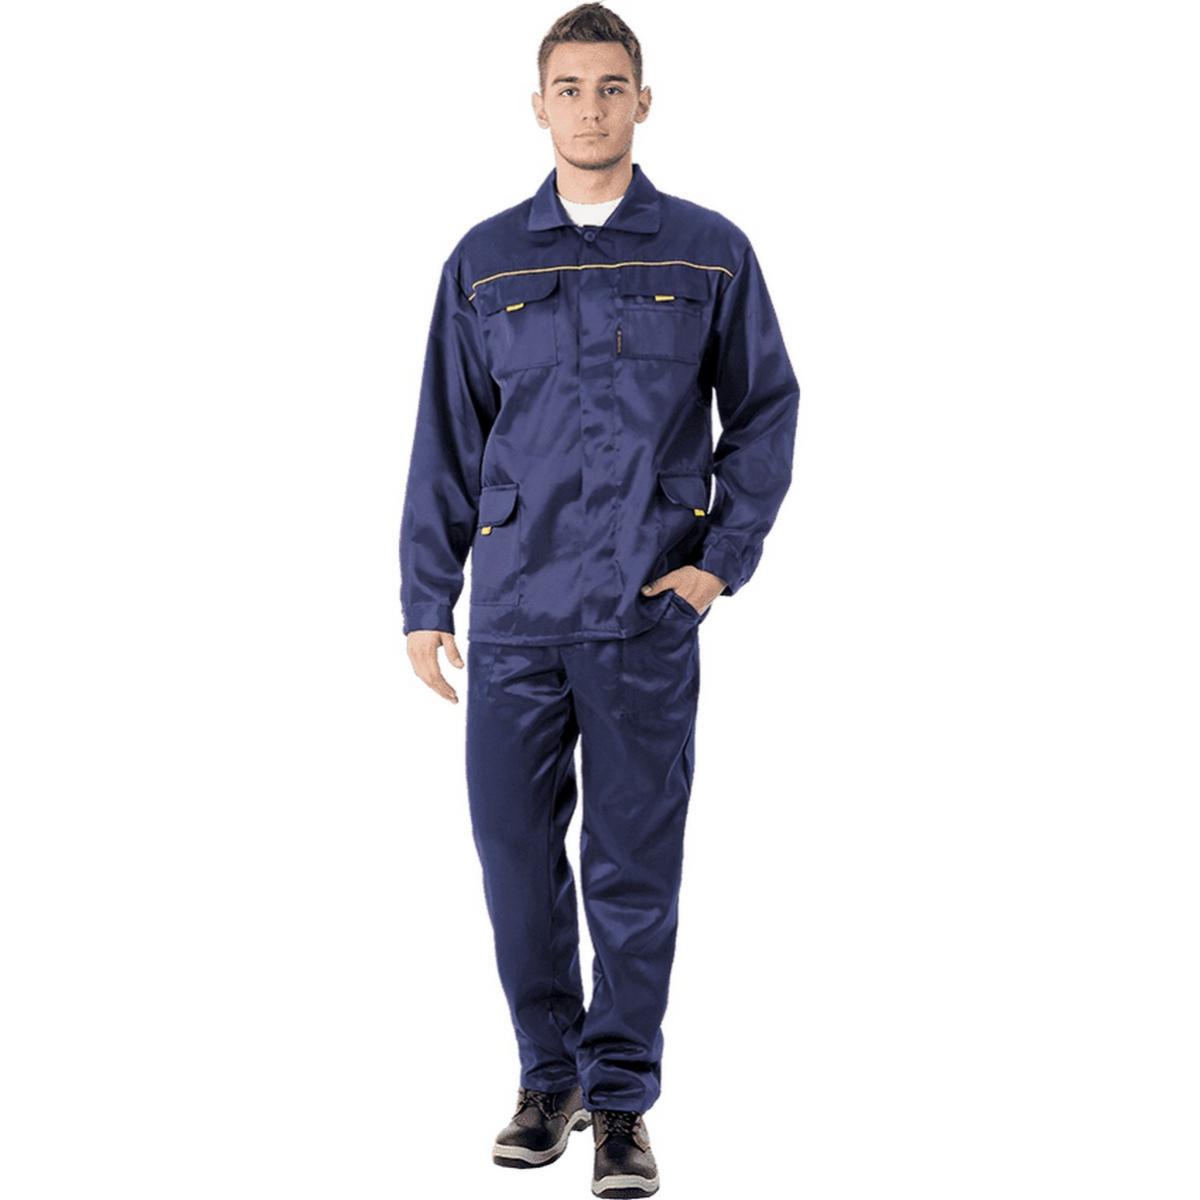 Костюм ВЫМПЕЛ-1 т/синий (куртка+брюки)  (разм. 88-92 рост 170-176)